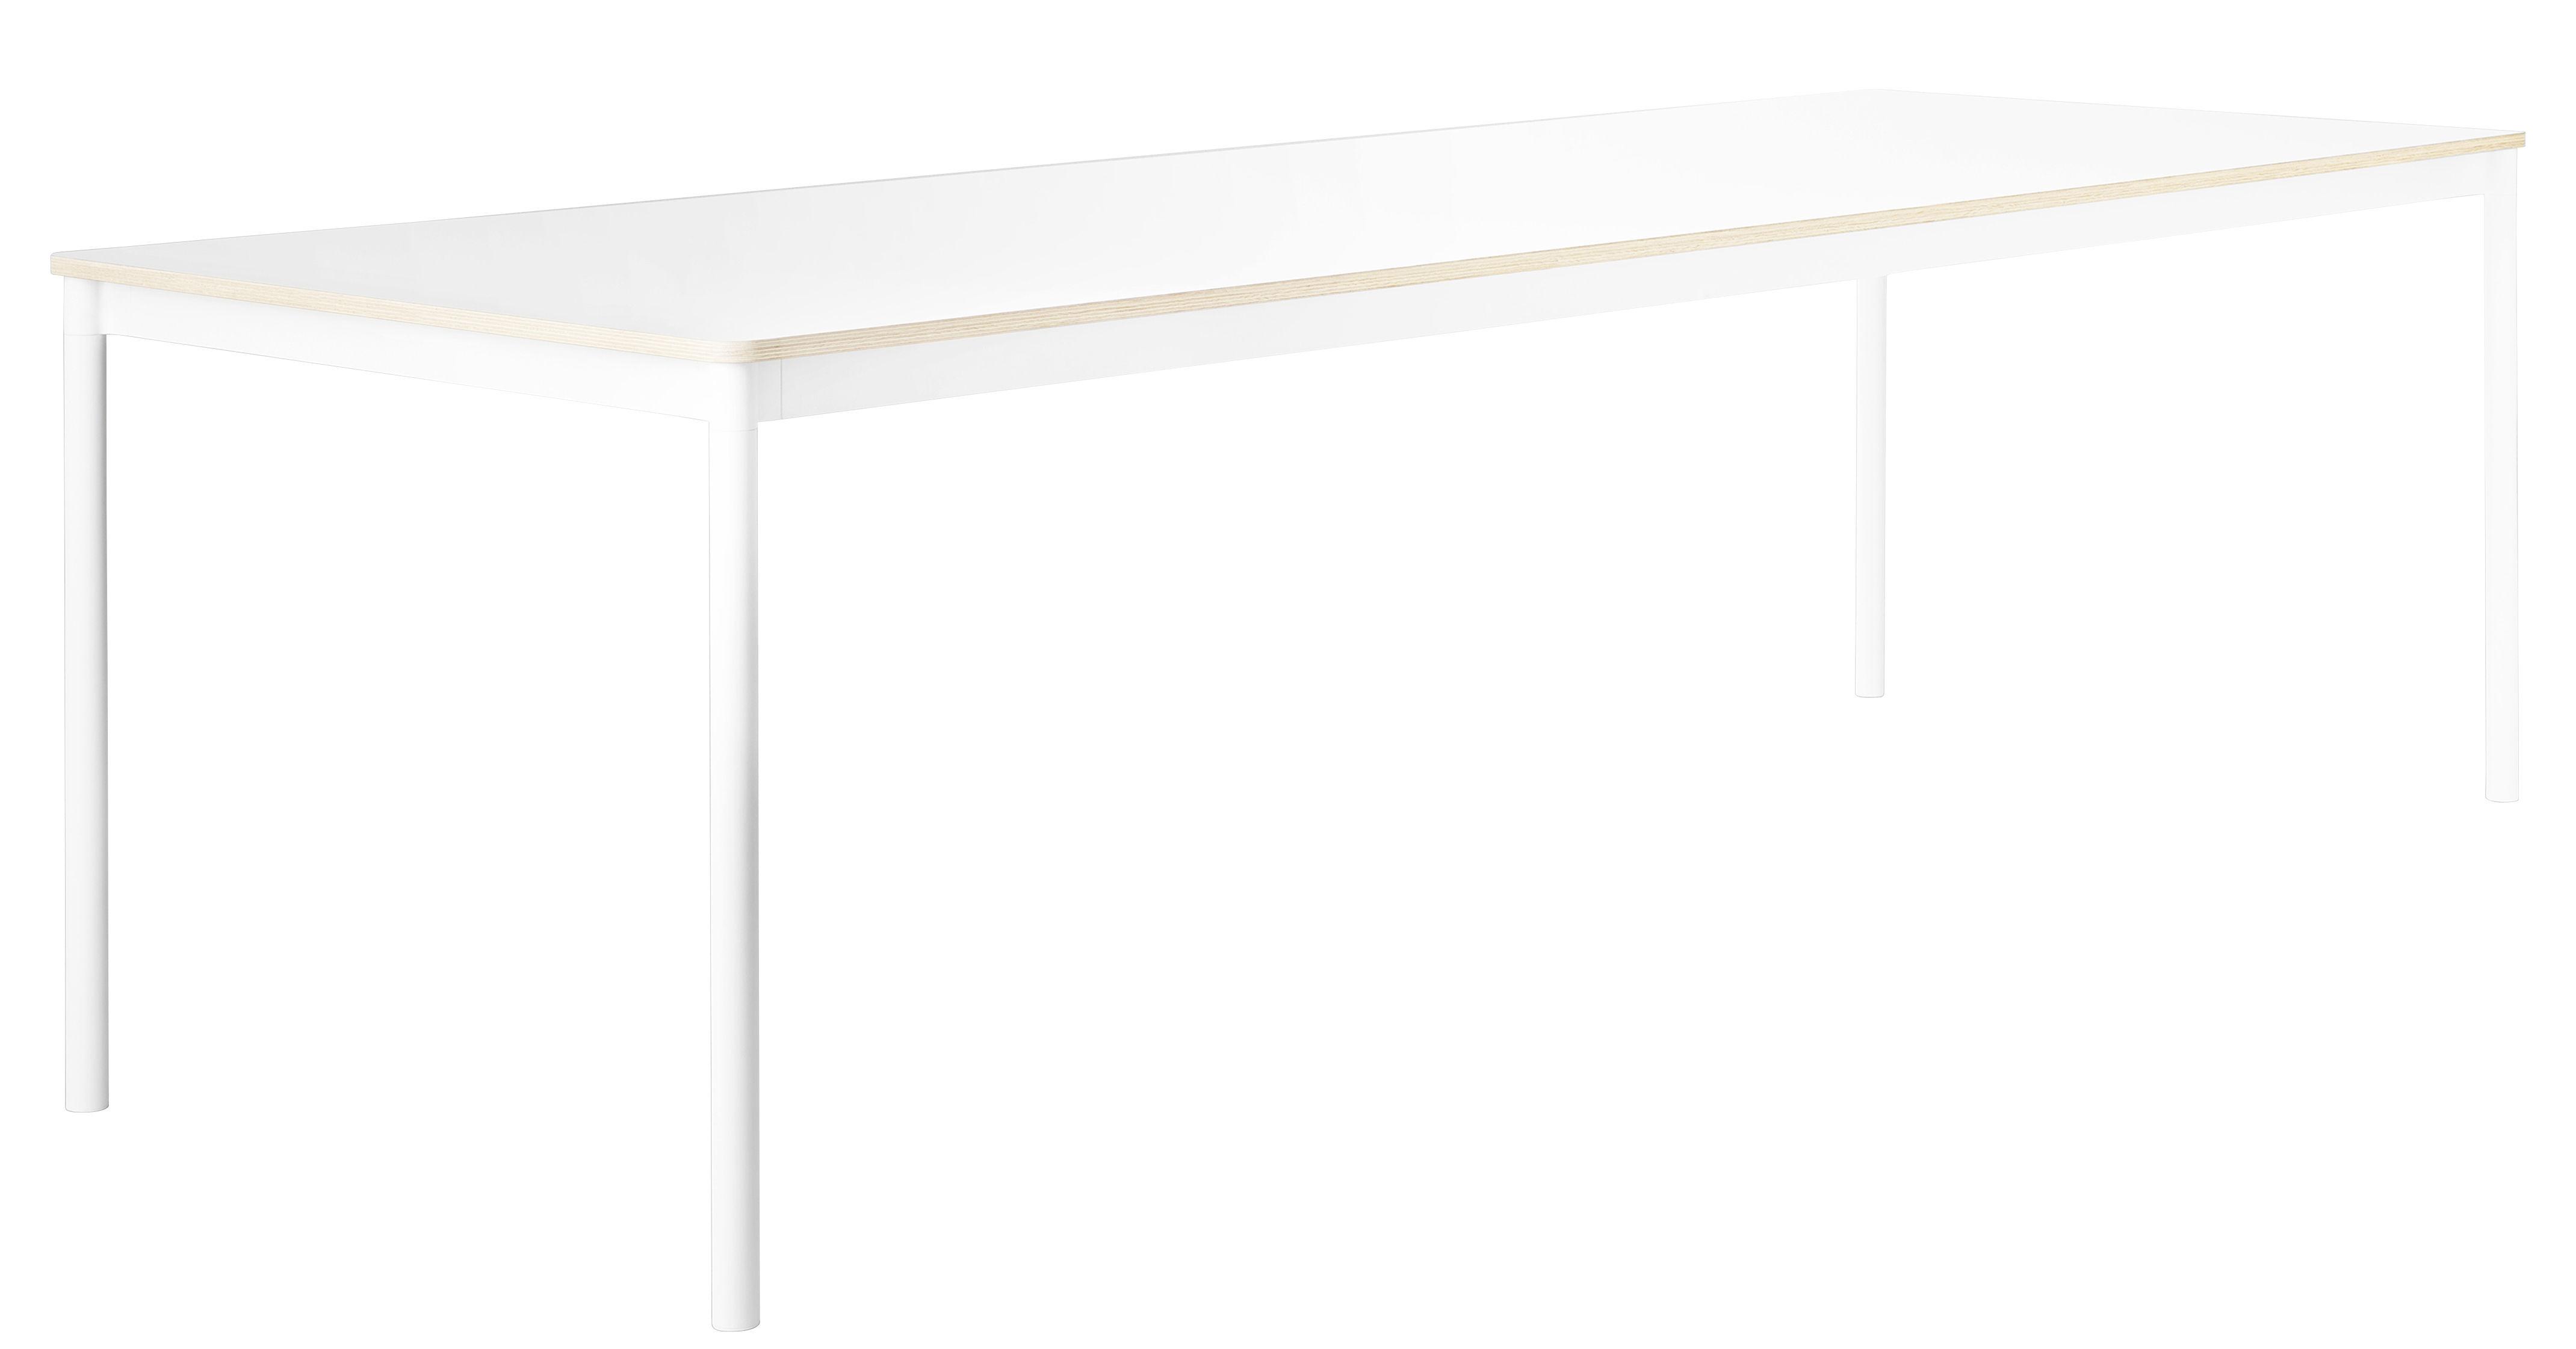 Arredamento - Tavoli - Tavolo rettangolare Base - /250 x 90 cm di Muuto - Bianco - alluminio estruso, Compensato, Stratificato